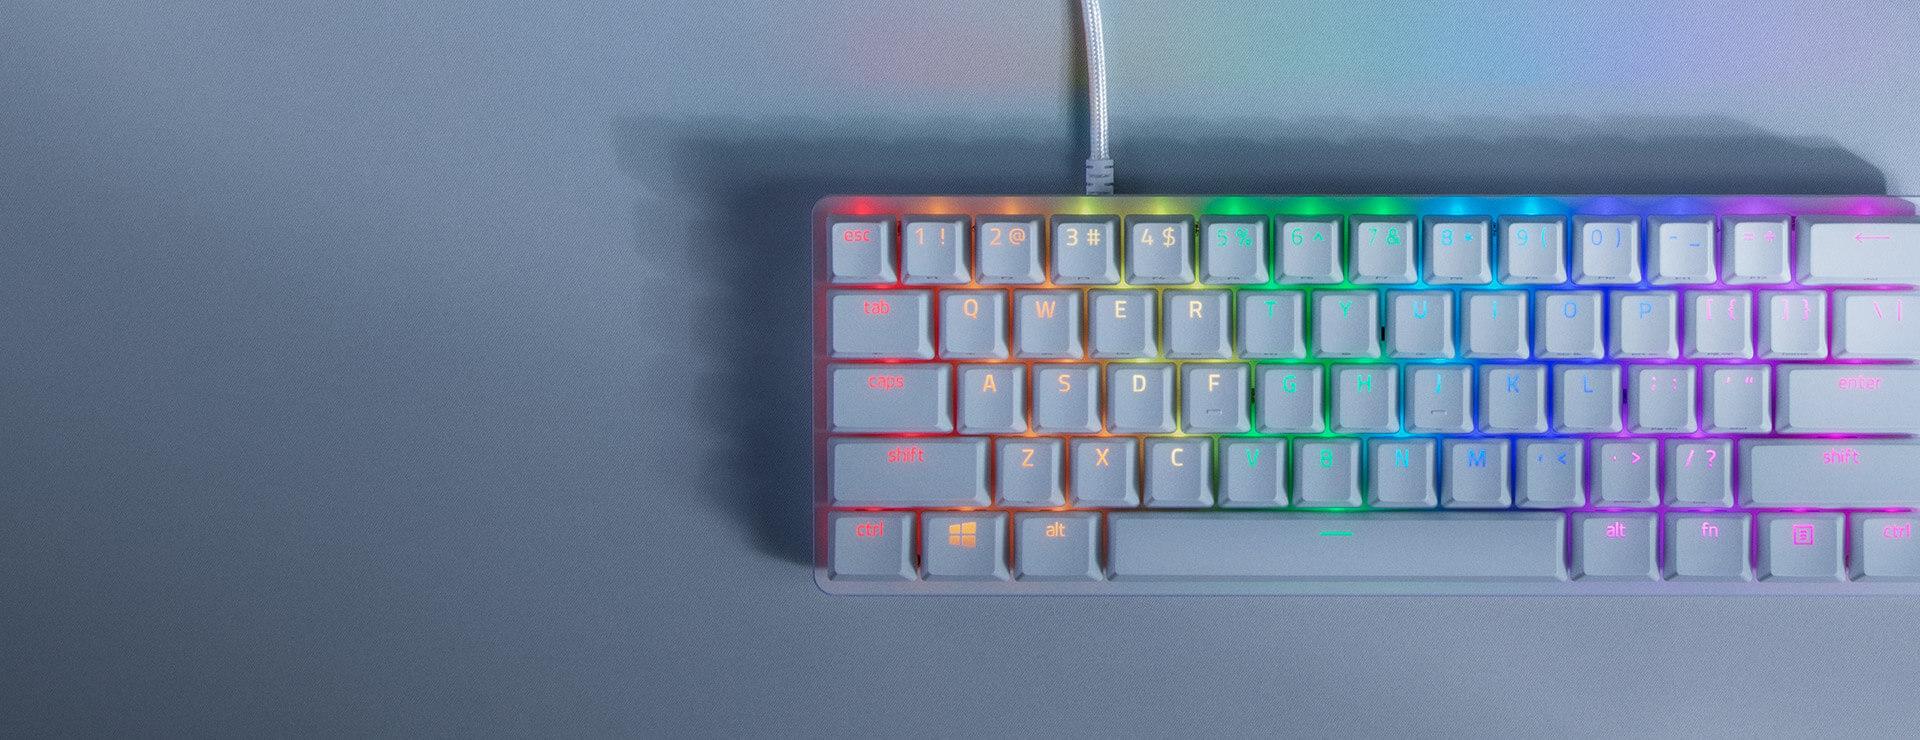 Bàn phím cơ Razer Huntsman Mini Mercury ( Clicky Purple optical switch) (RZ03-03390300-R3M1) có thể lưu trữ tuỳ chỉnh trên bộ nhớ của bàn phím